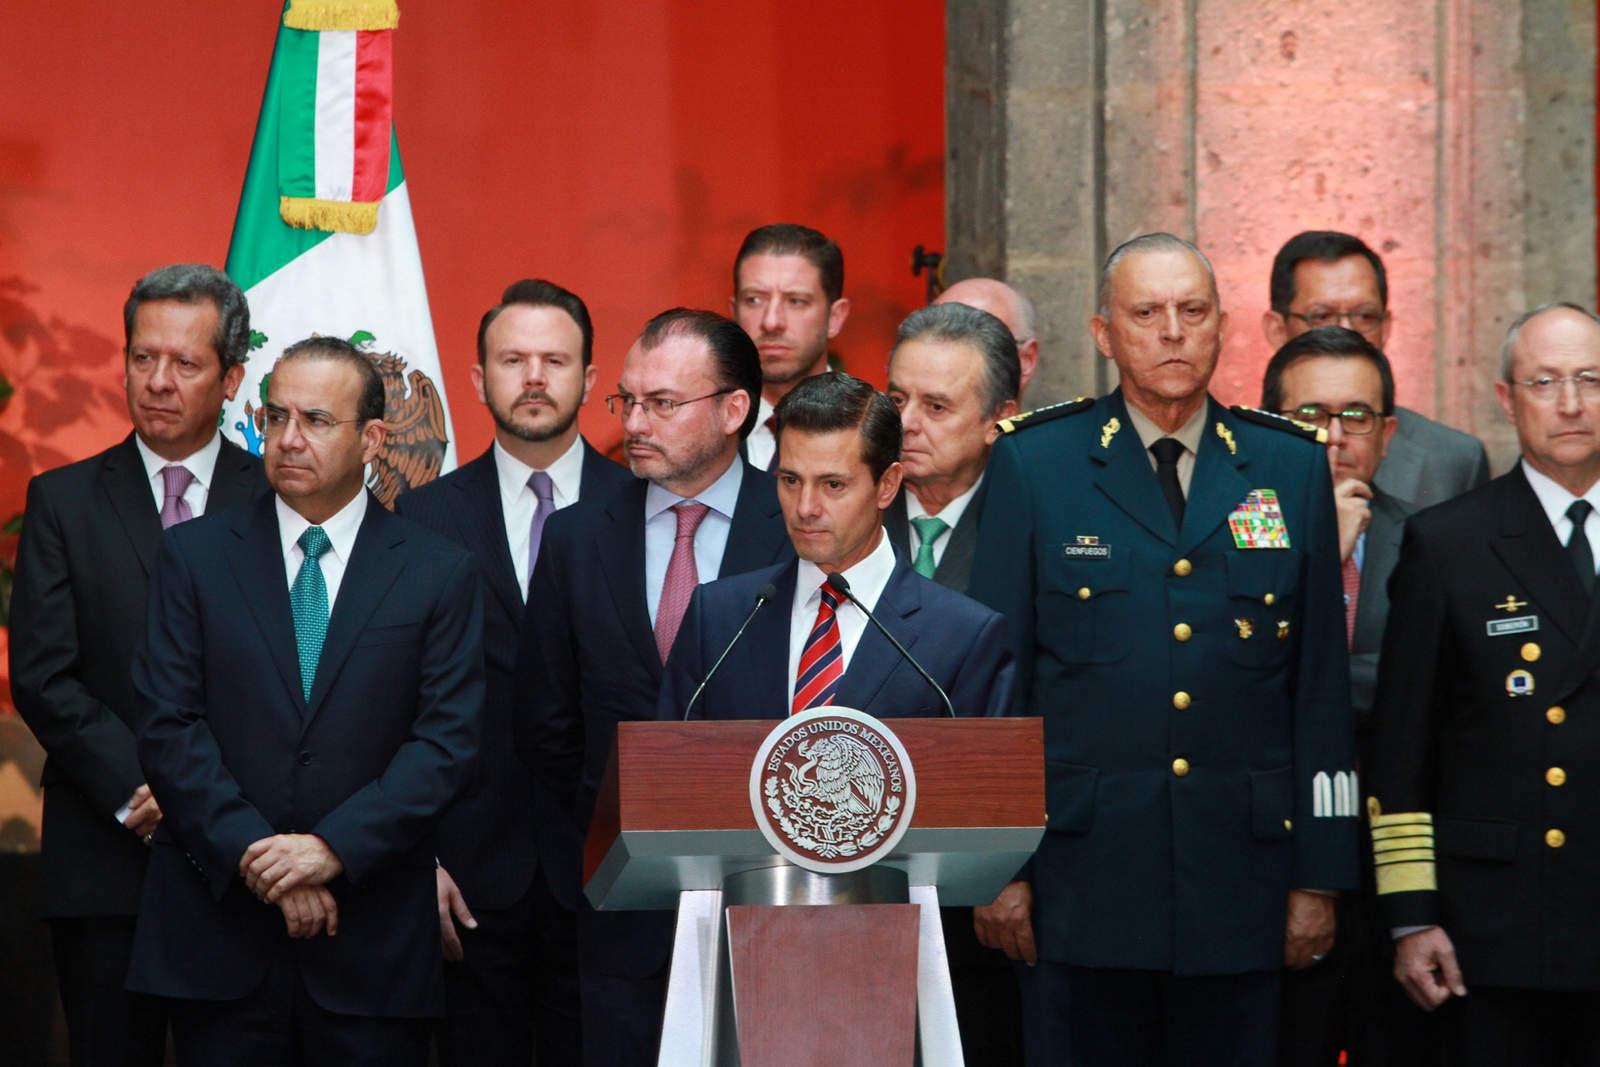 Personas cercanas Peña Nieto durante su sexenio y su futuro